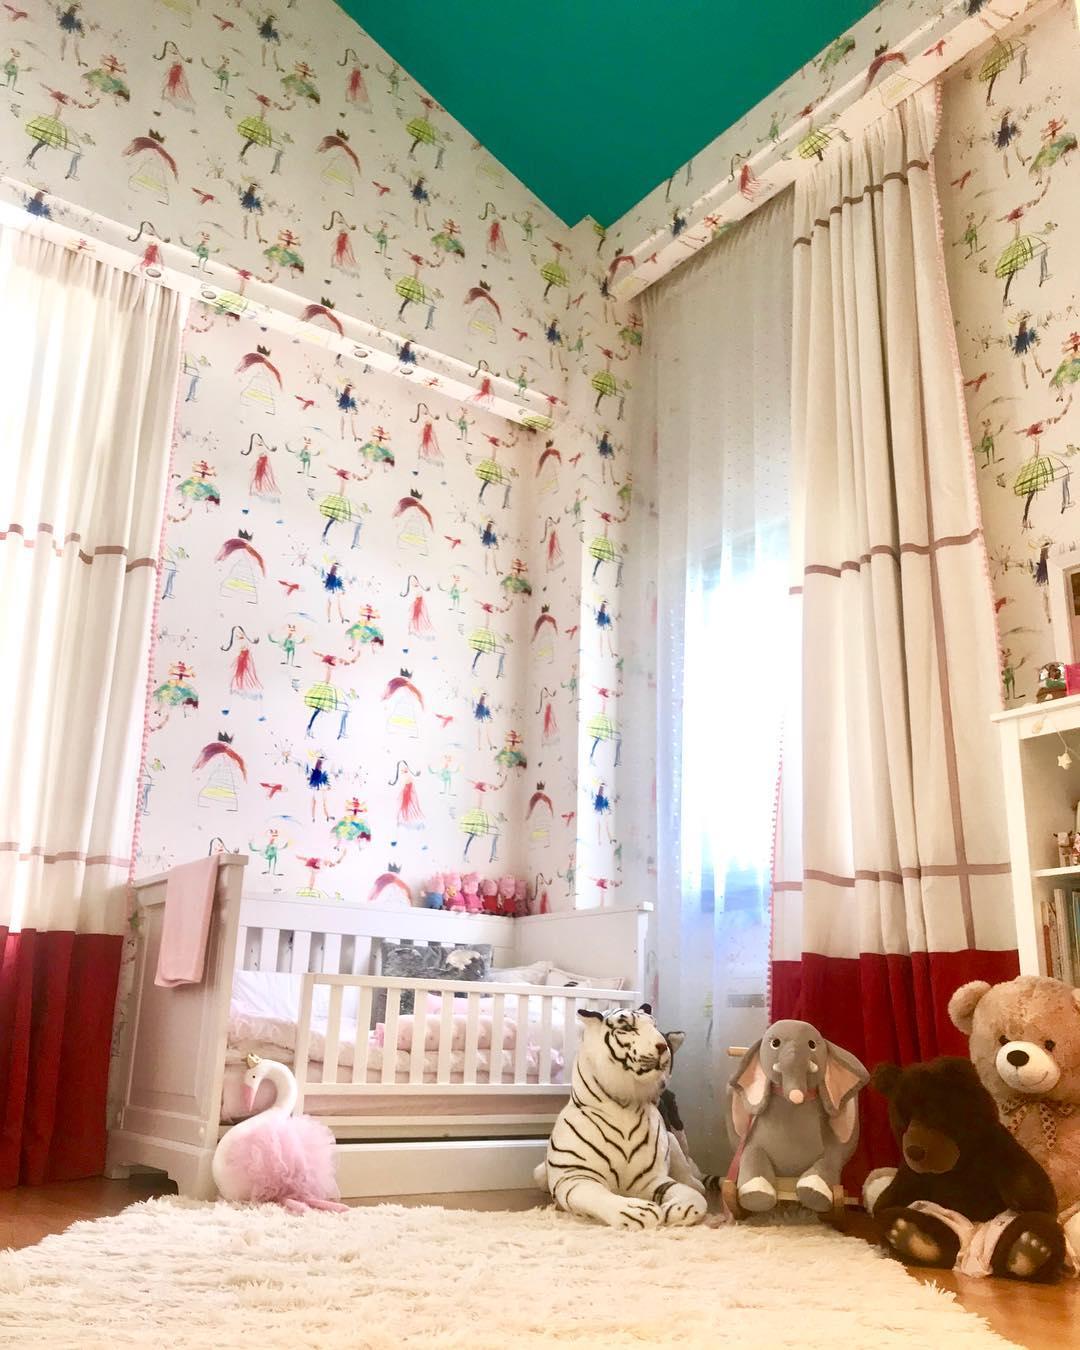 Το παιδικό δωμάτιο της κόρης της Σίσσυς Φειδά